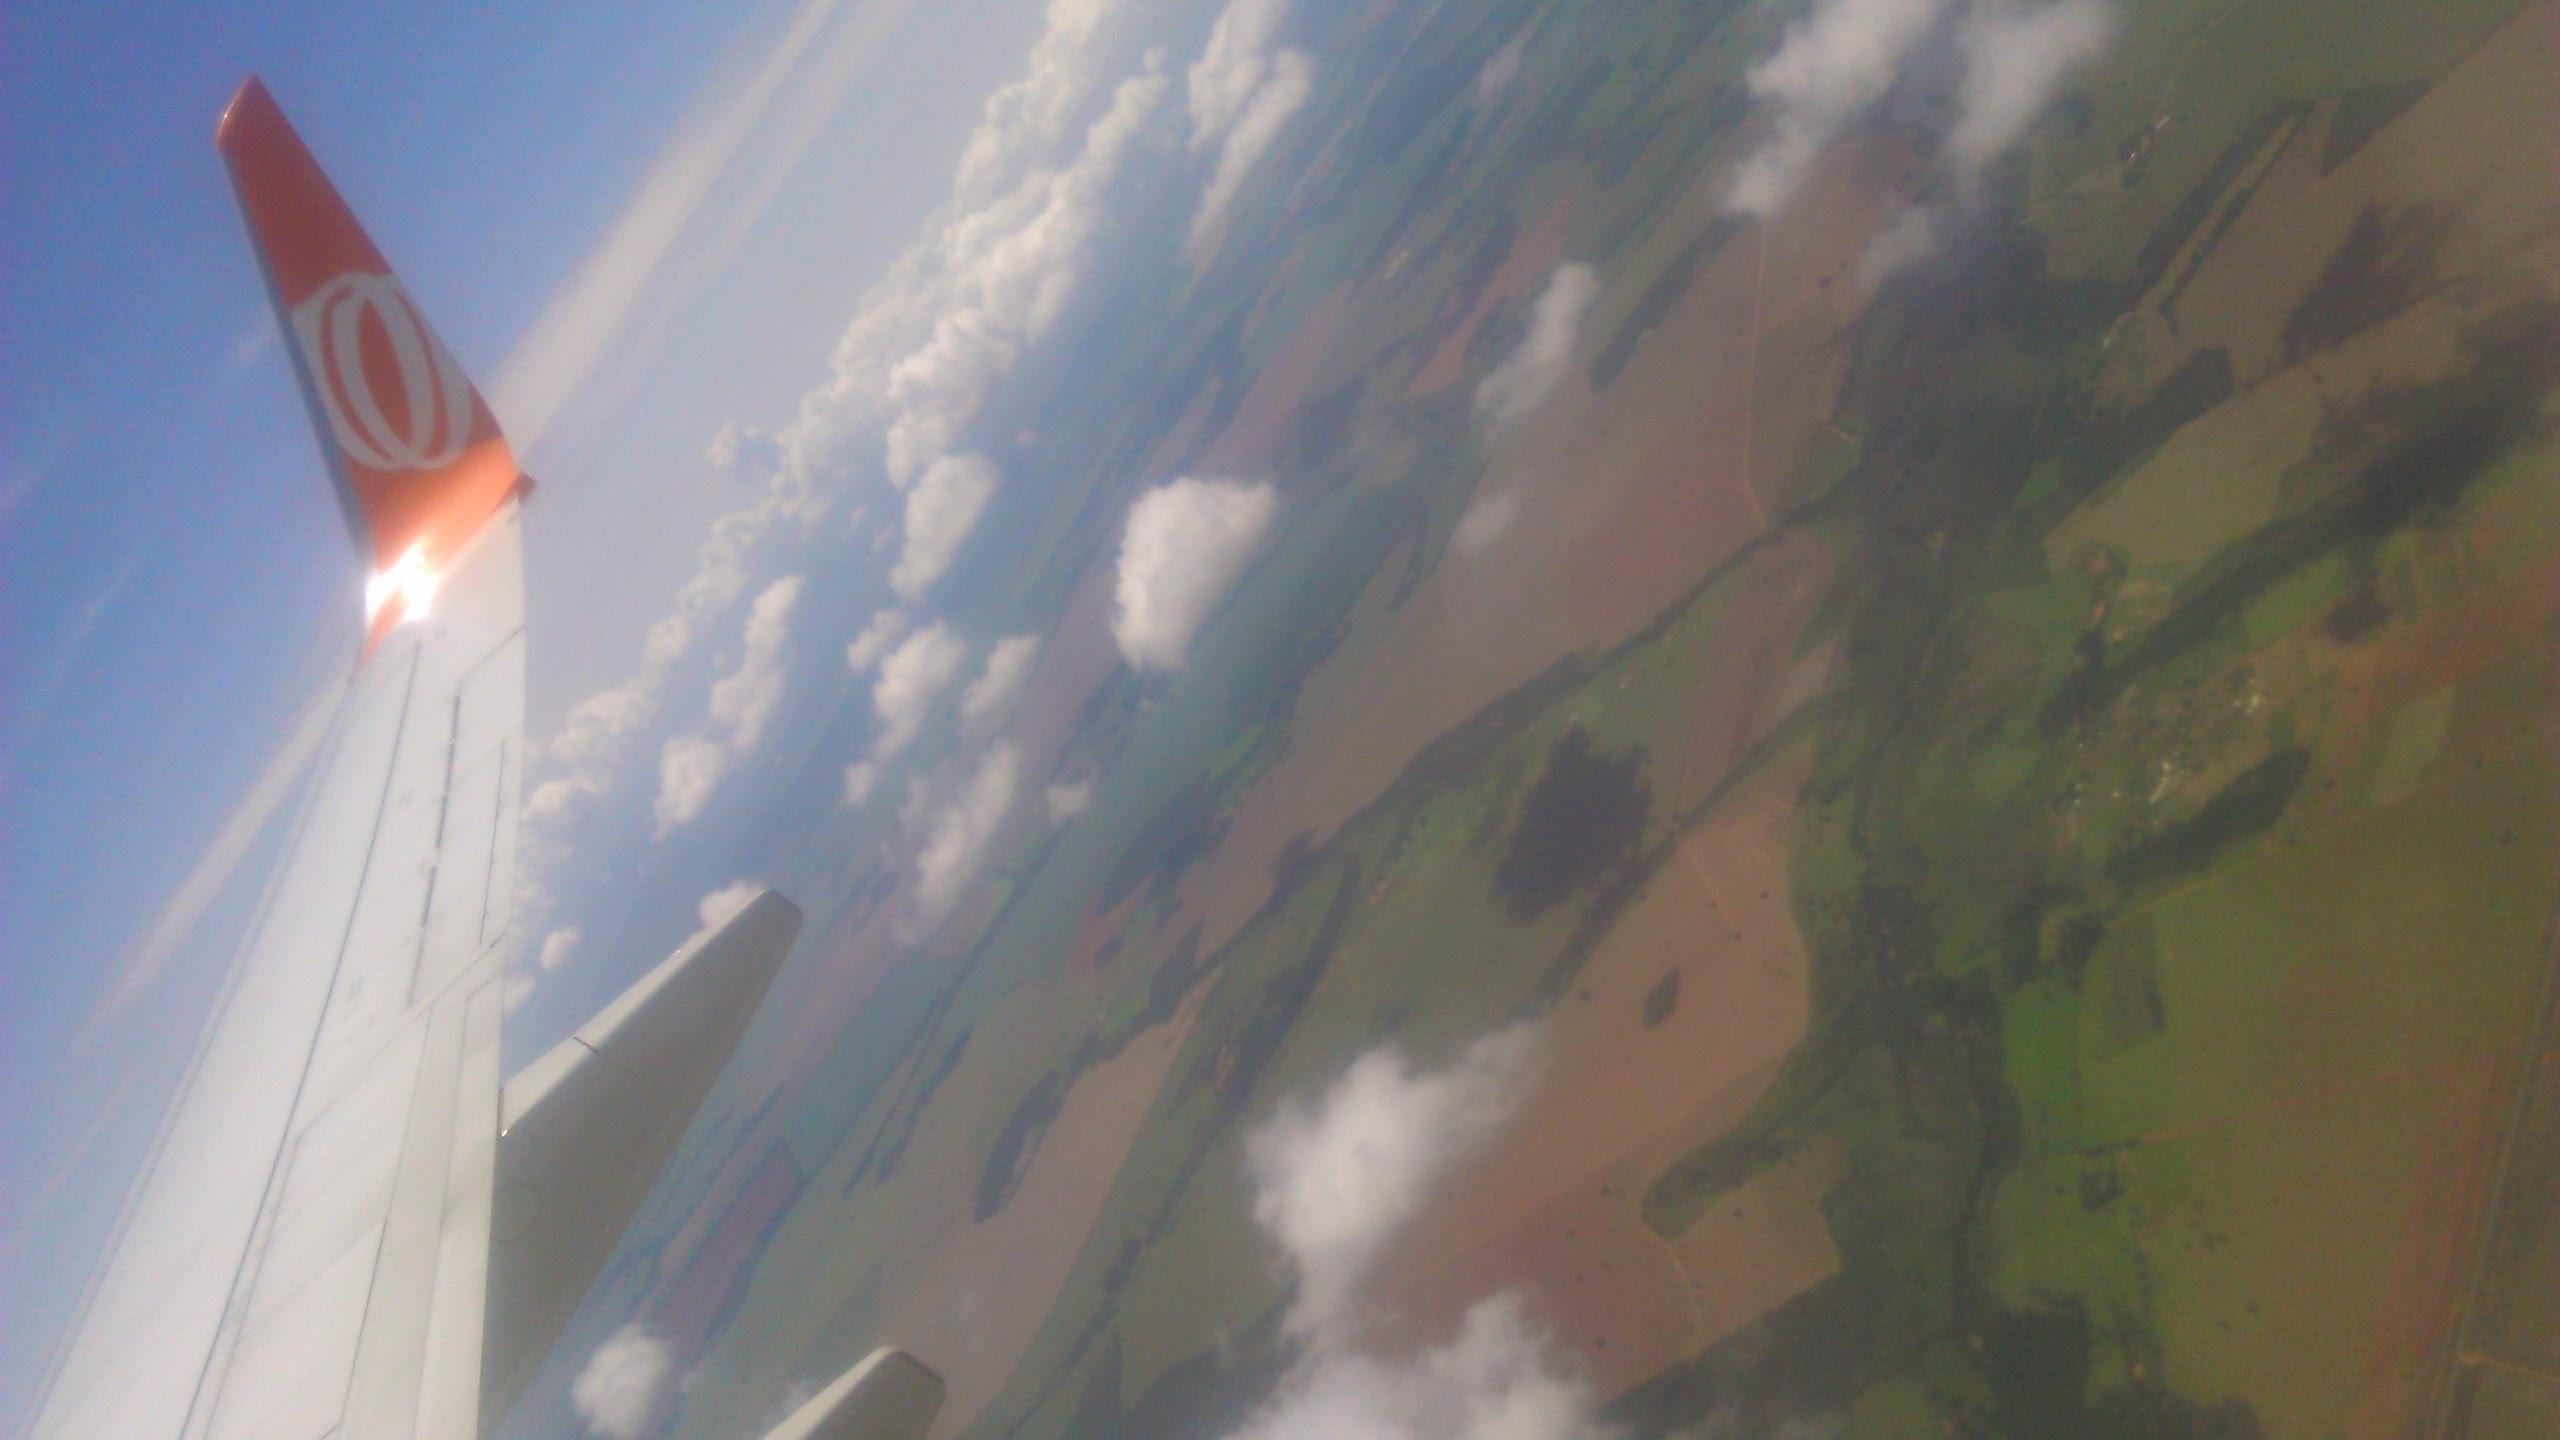 Que céu lindo!